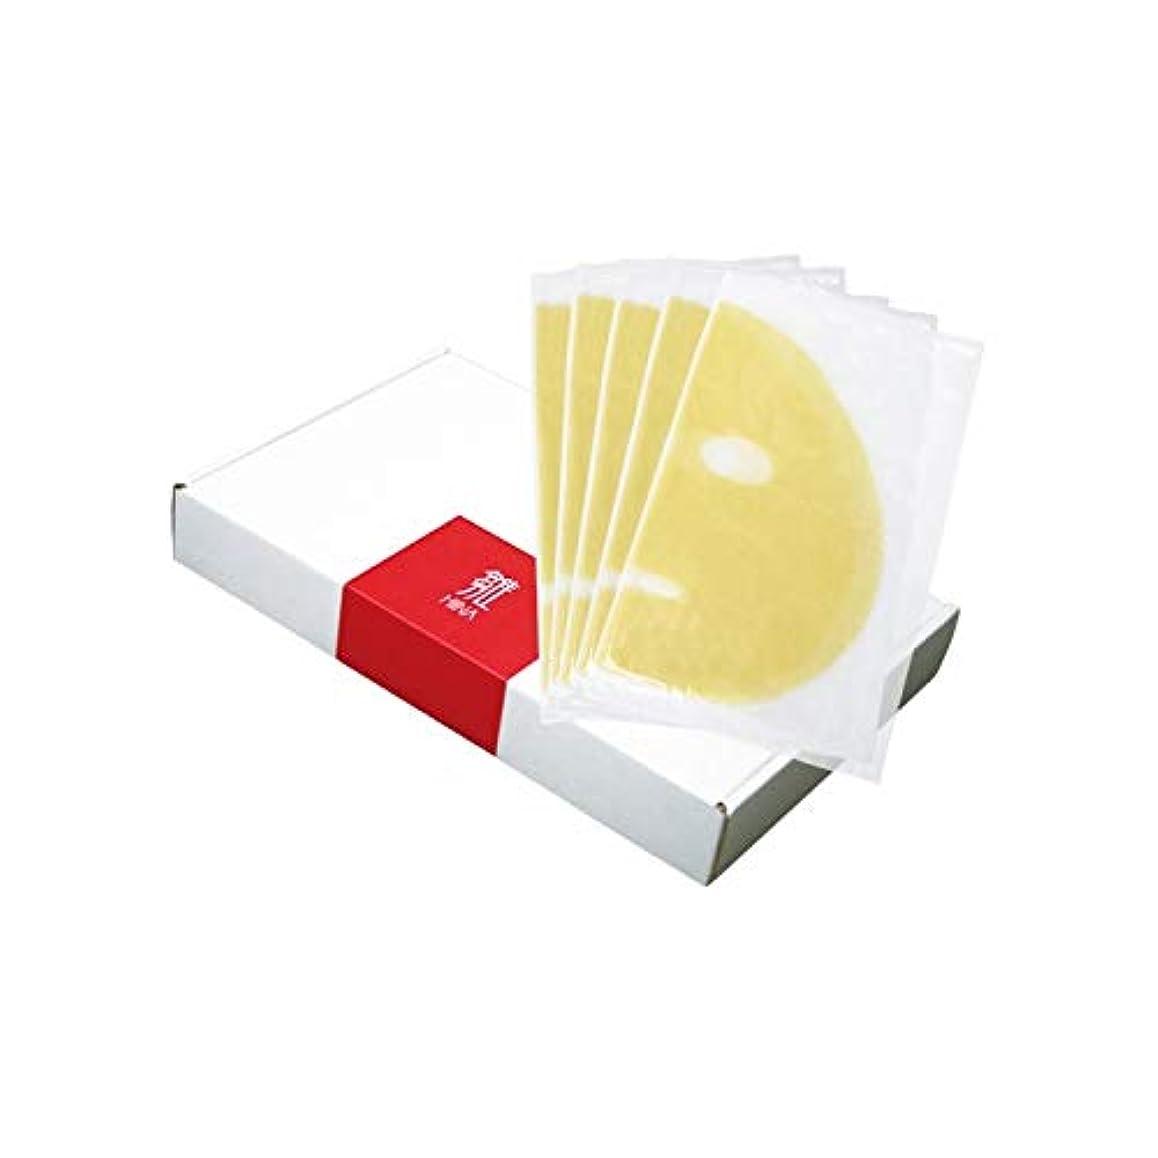 溶融チェスをする図書館雛(HIINA) 天然生ゆばパック 1箱5枚入り(要冷凍)